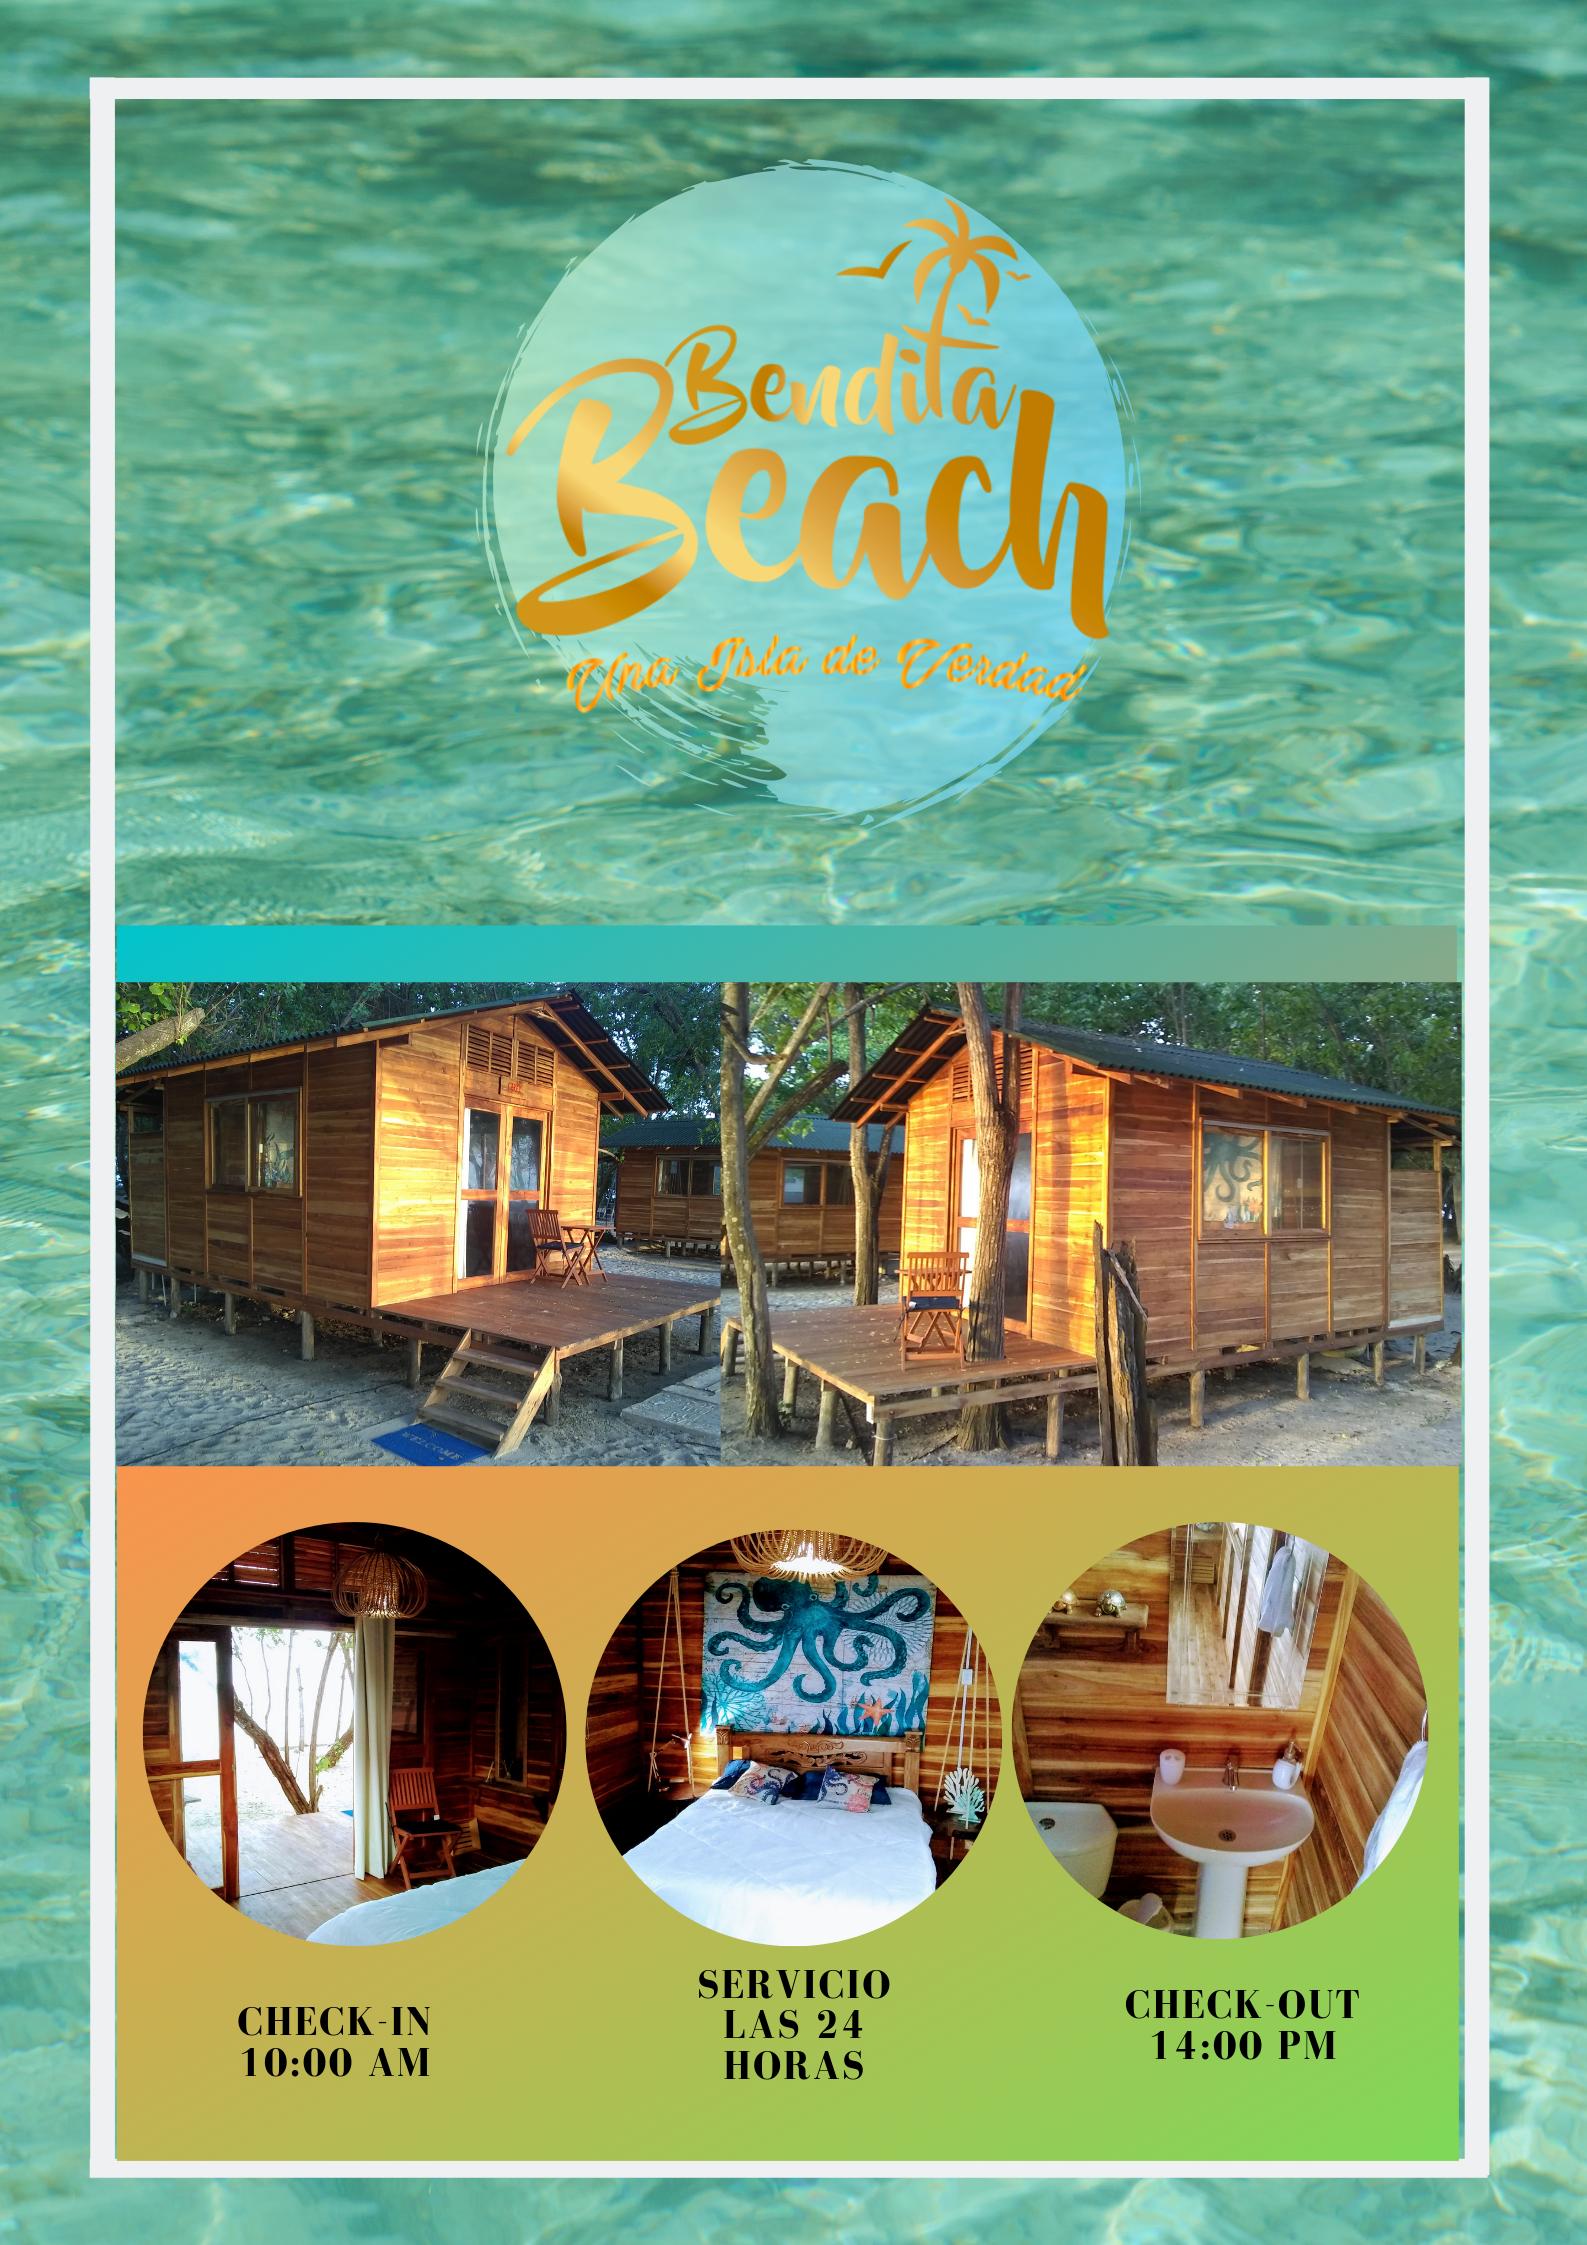 Hospedaje Bendita Beach